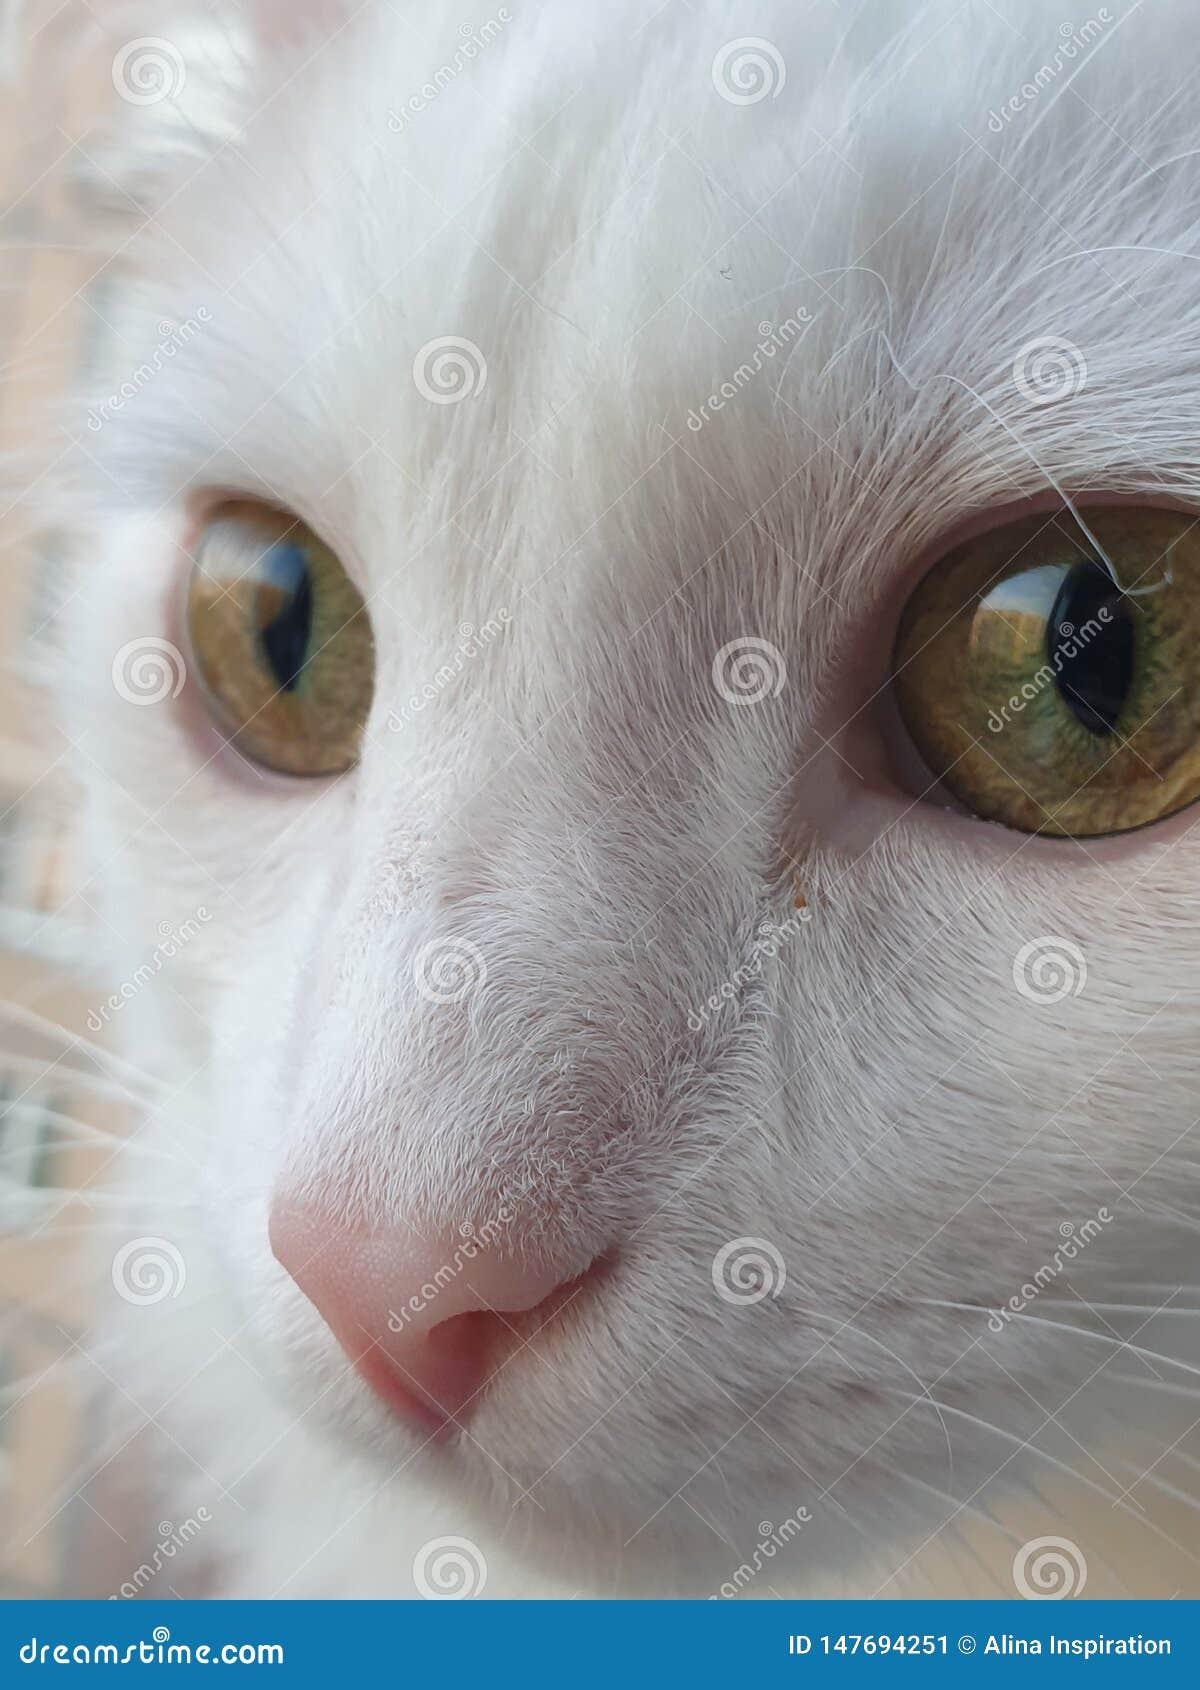 Kosmische Katze mit grünen Augen